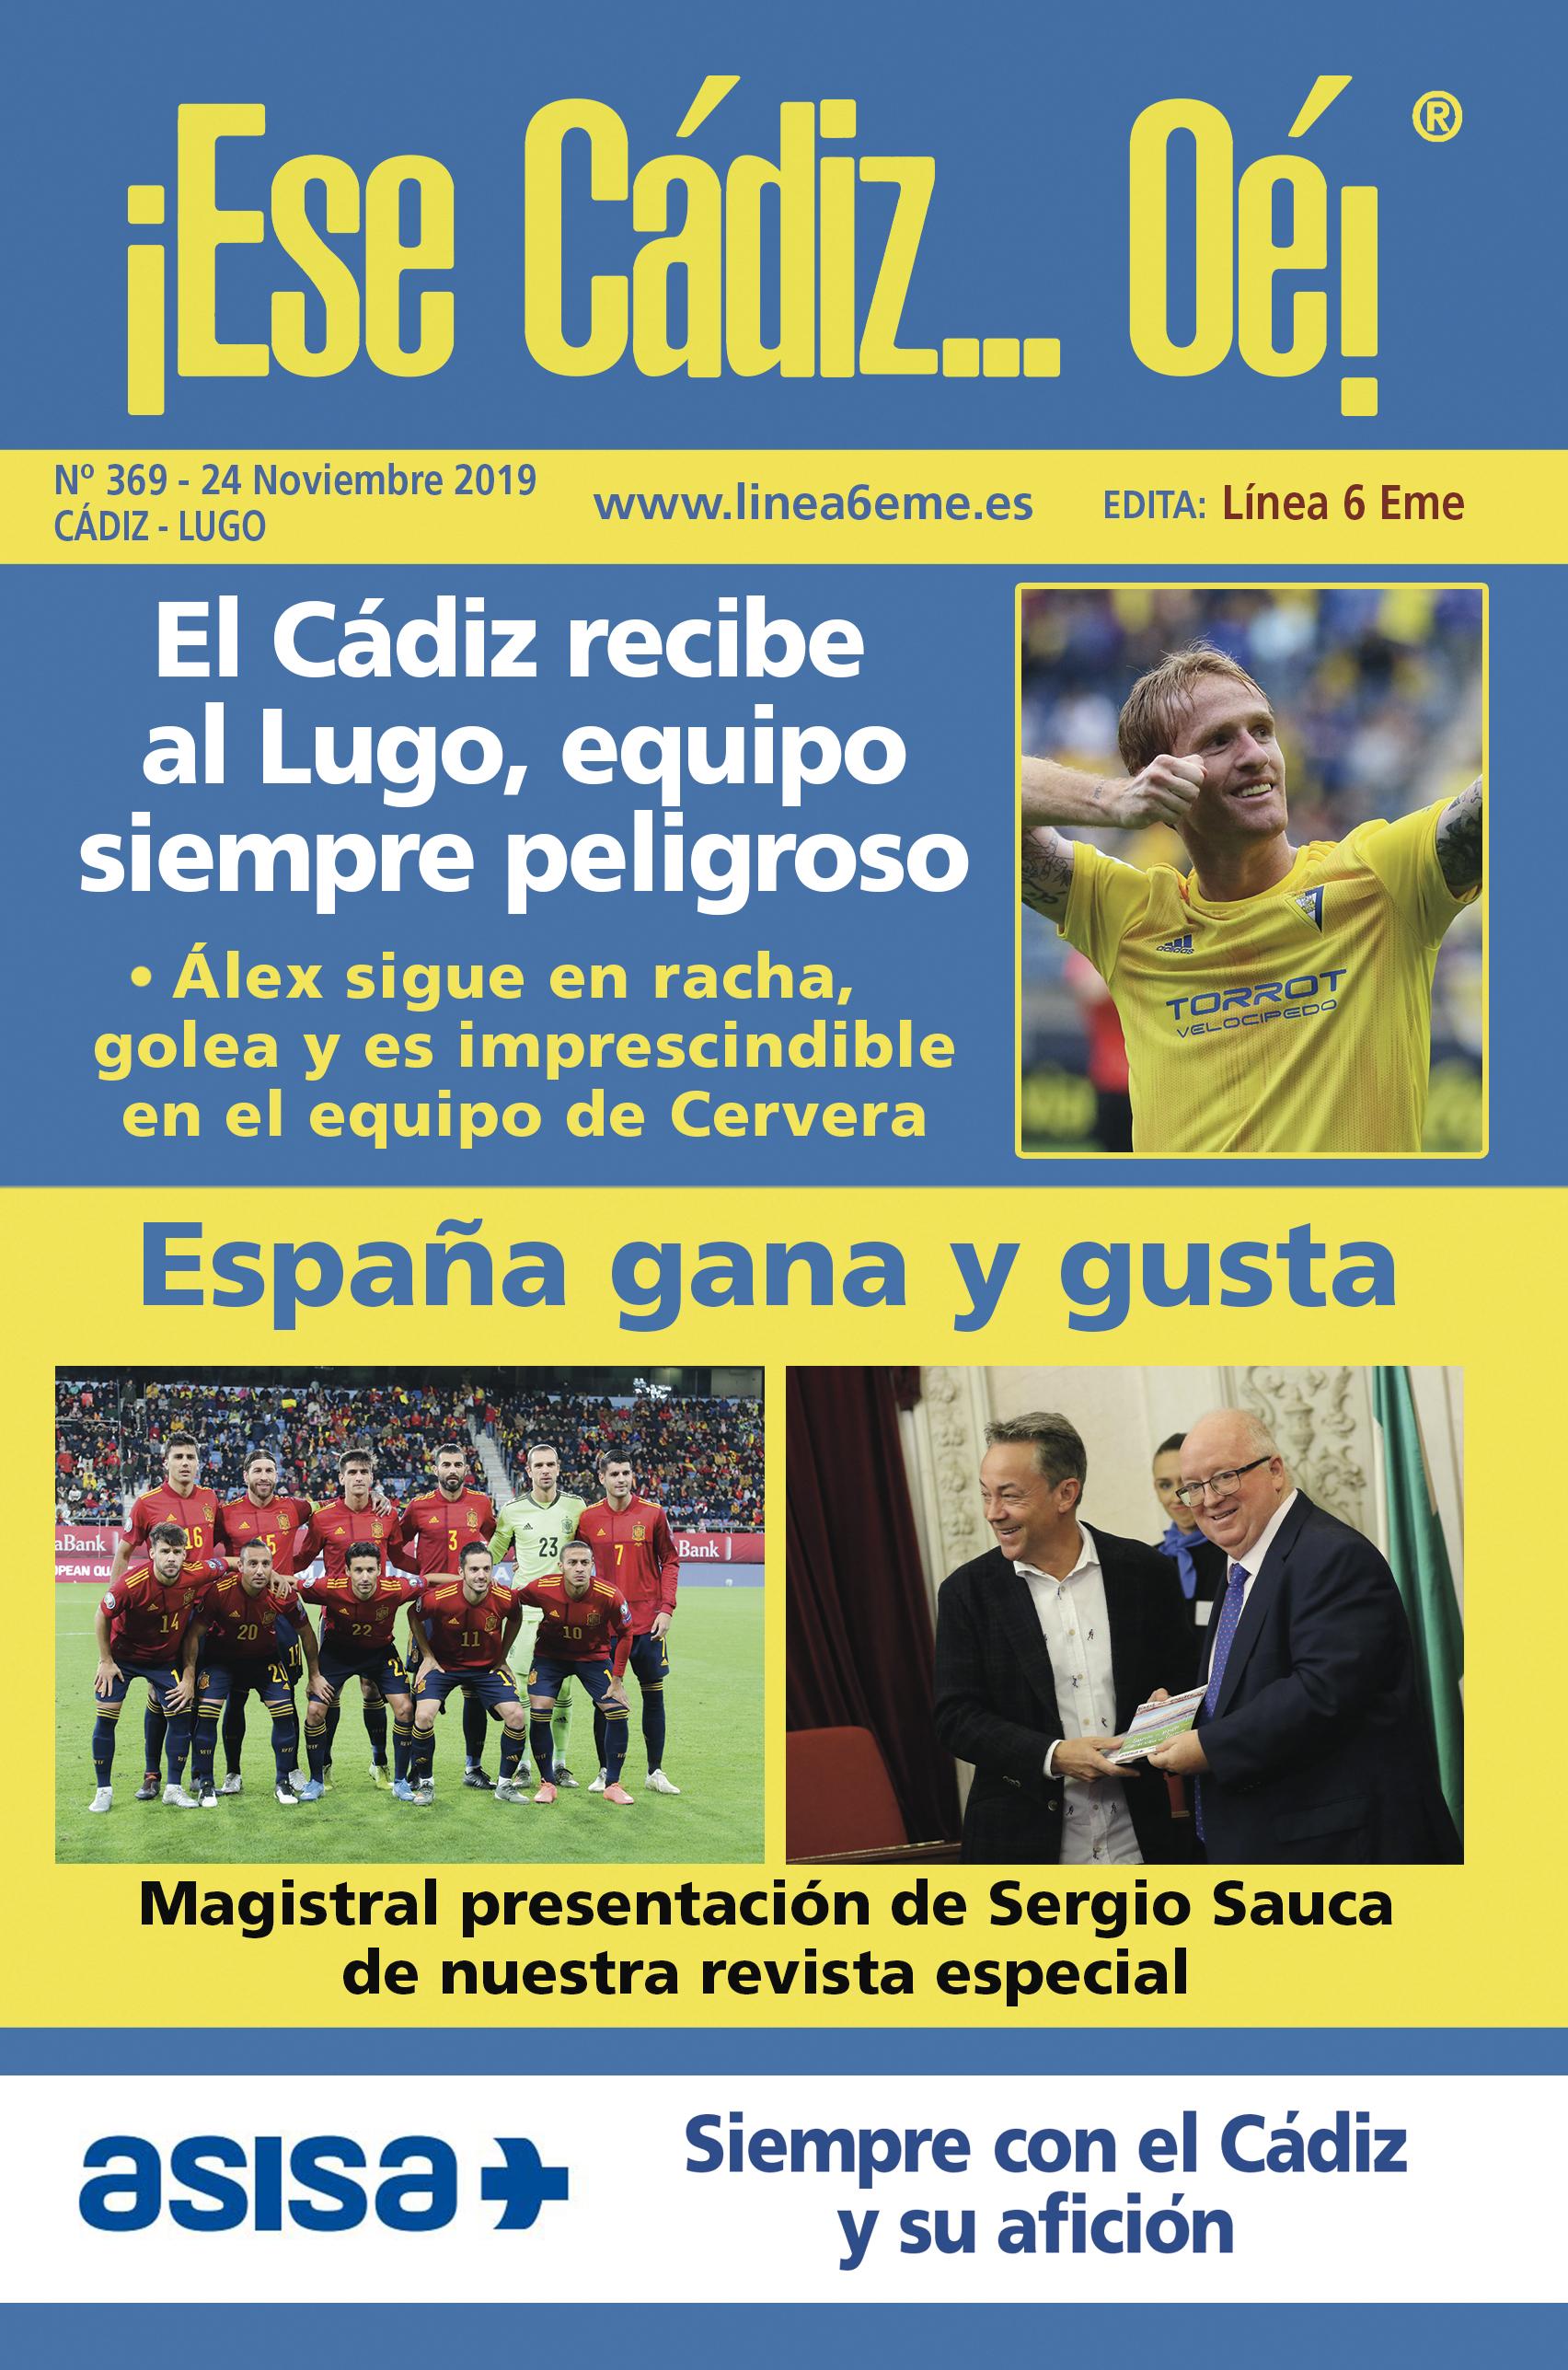 ¡Ese Cádiz…Oé! núm. 369 Temporada 2019/20